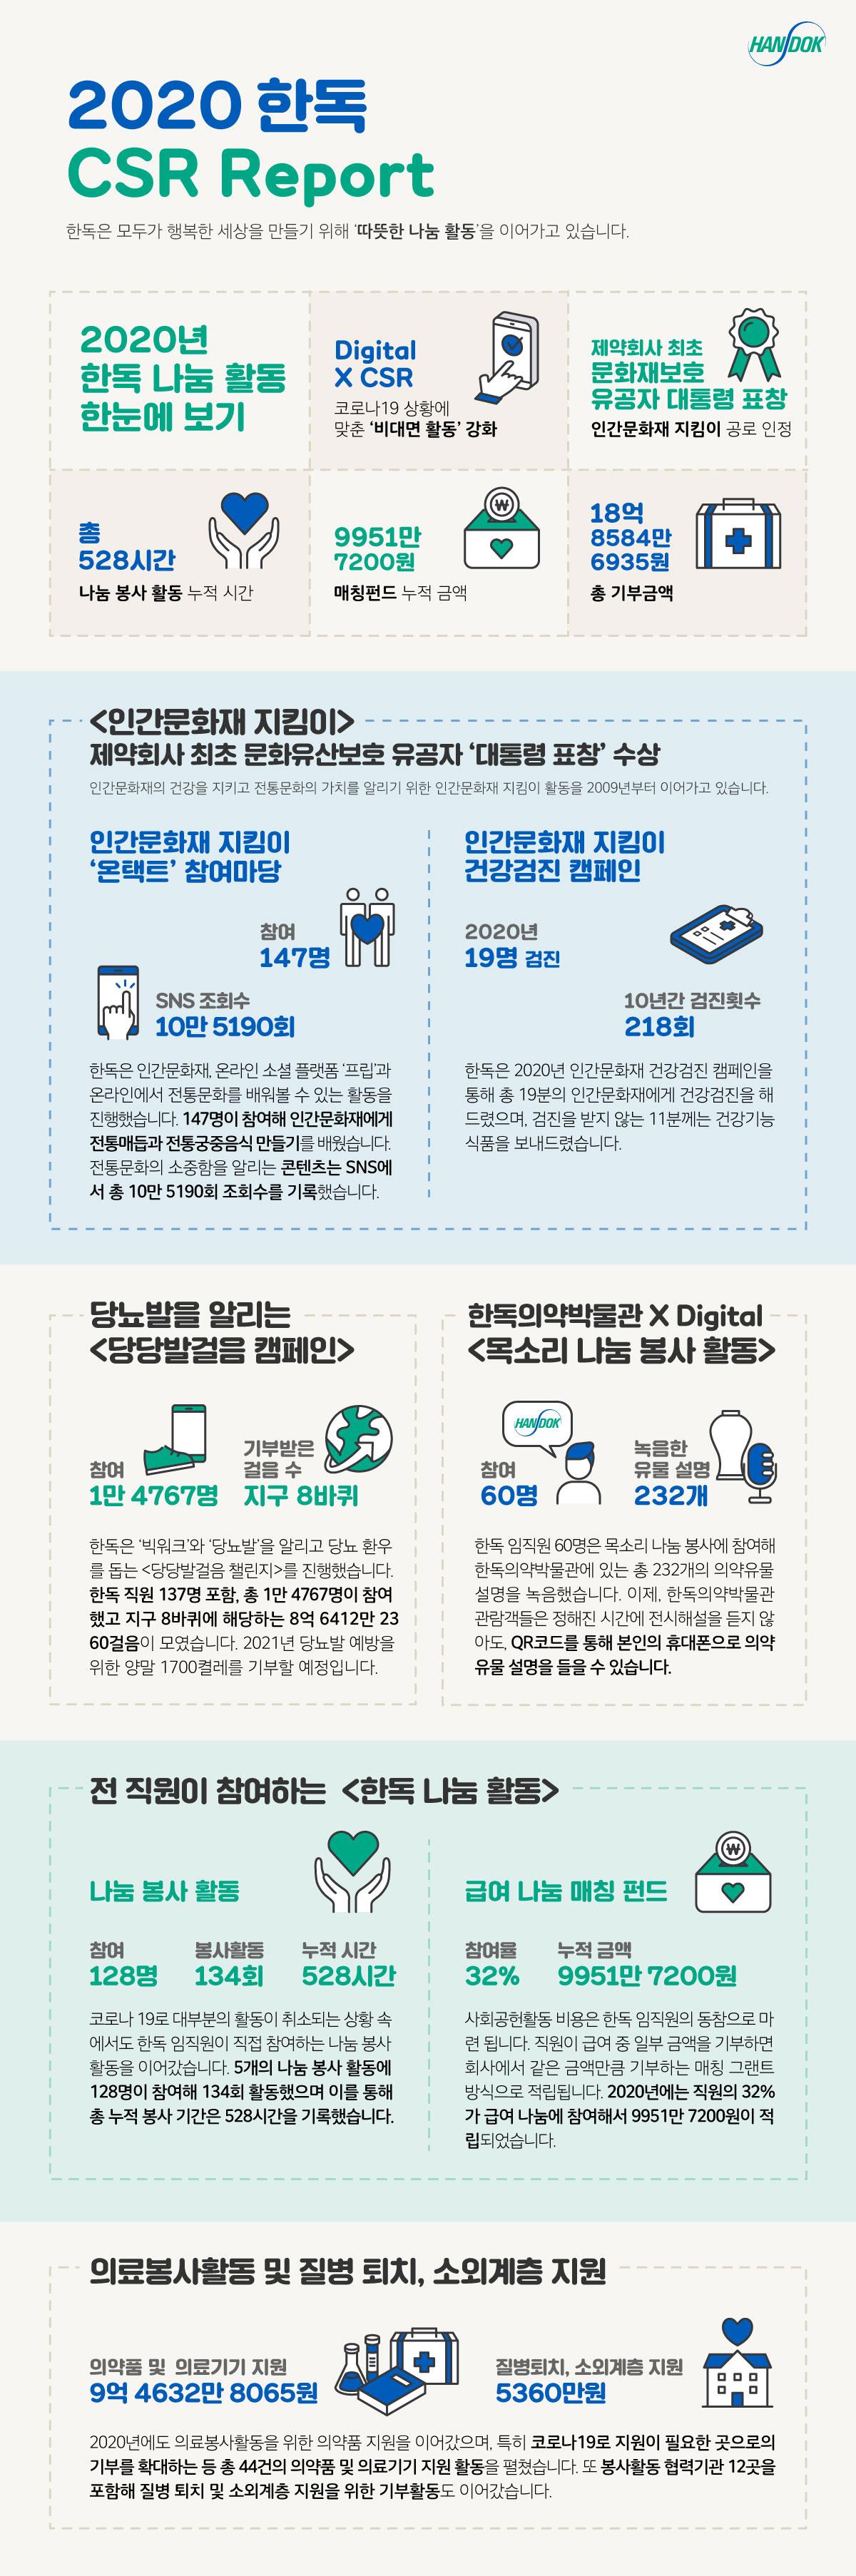 한독 2020 CSR Report